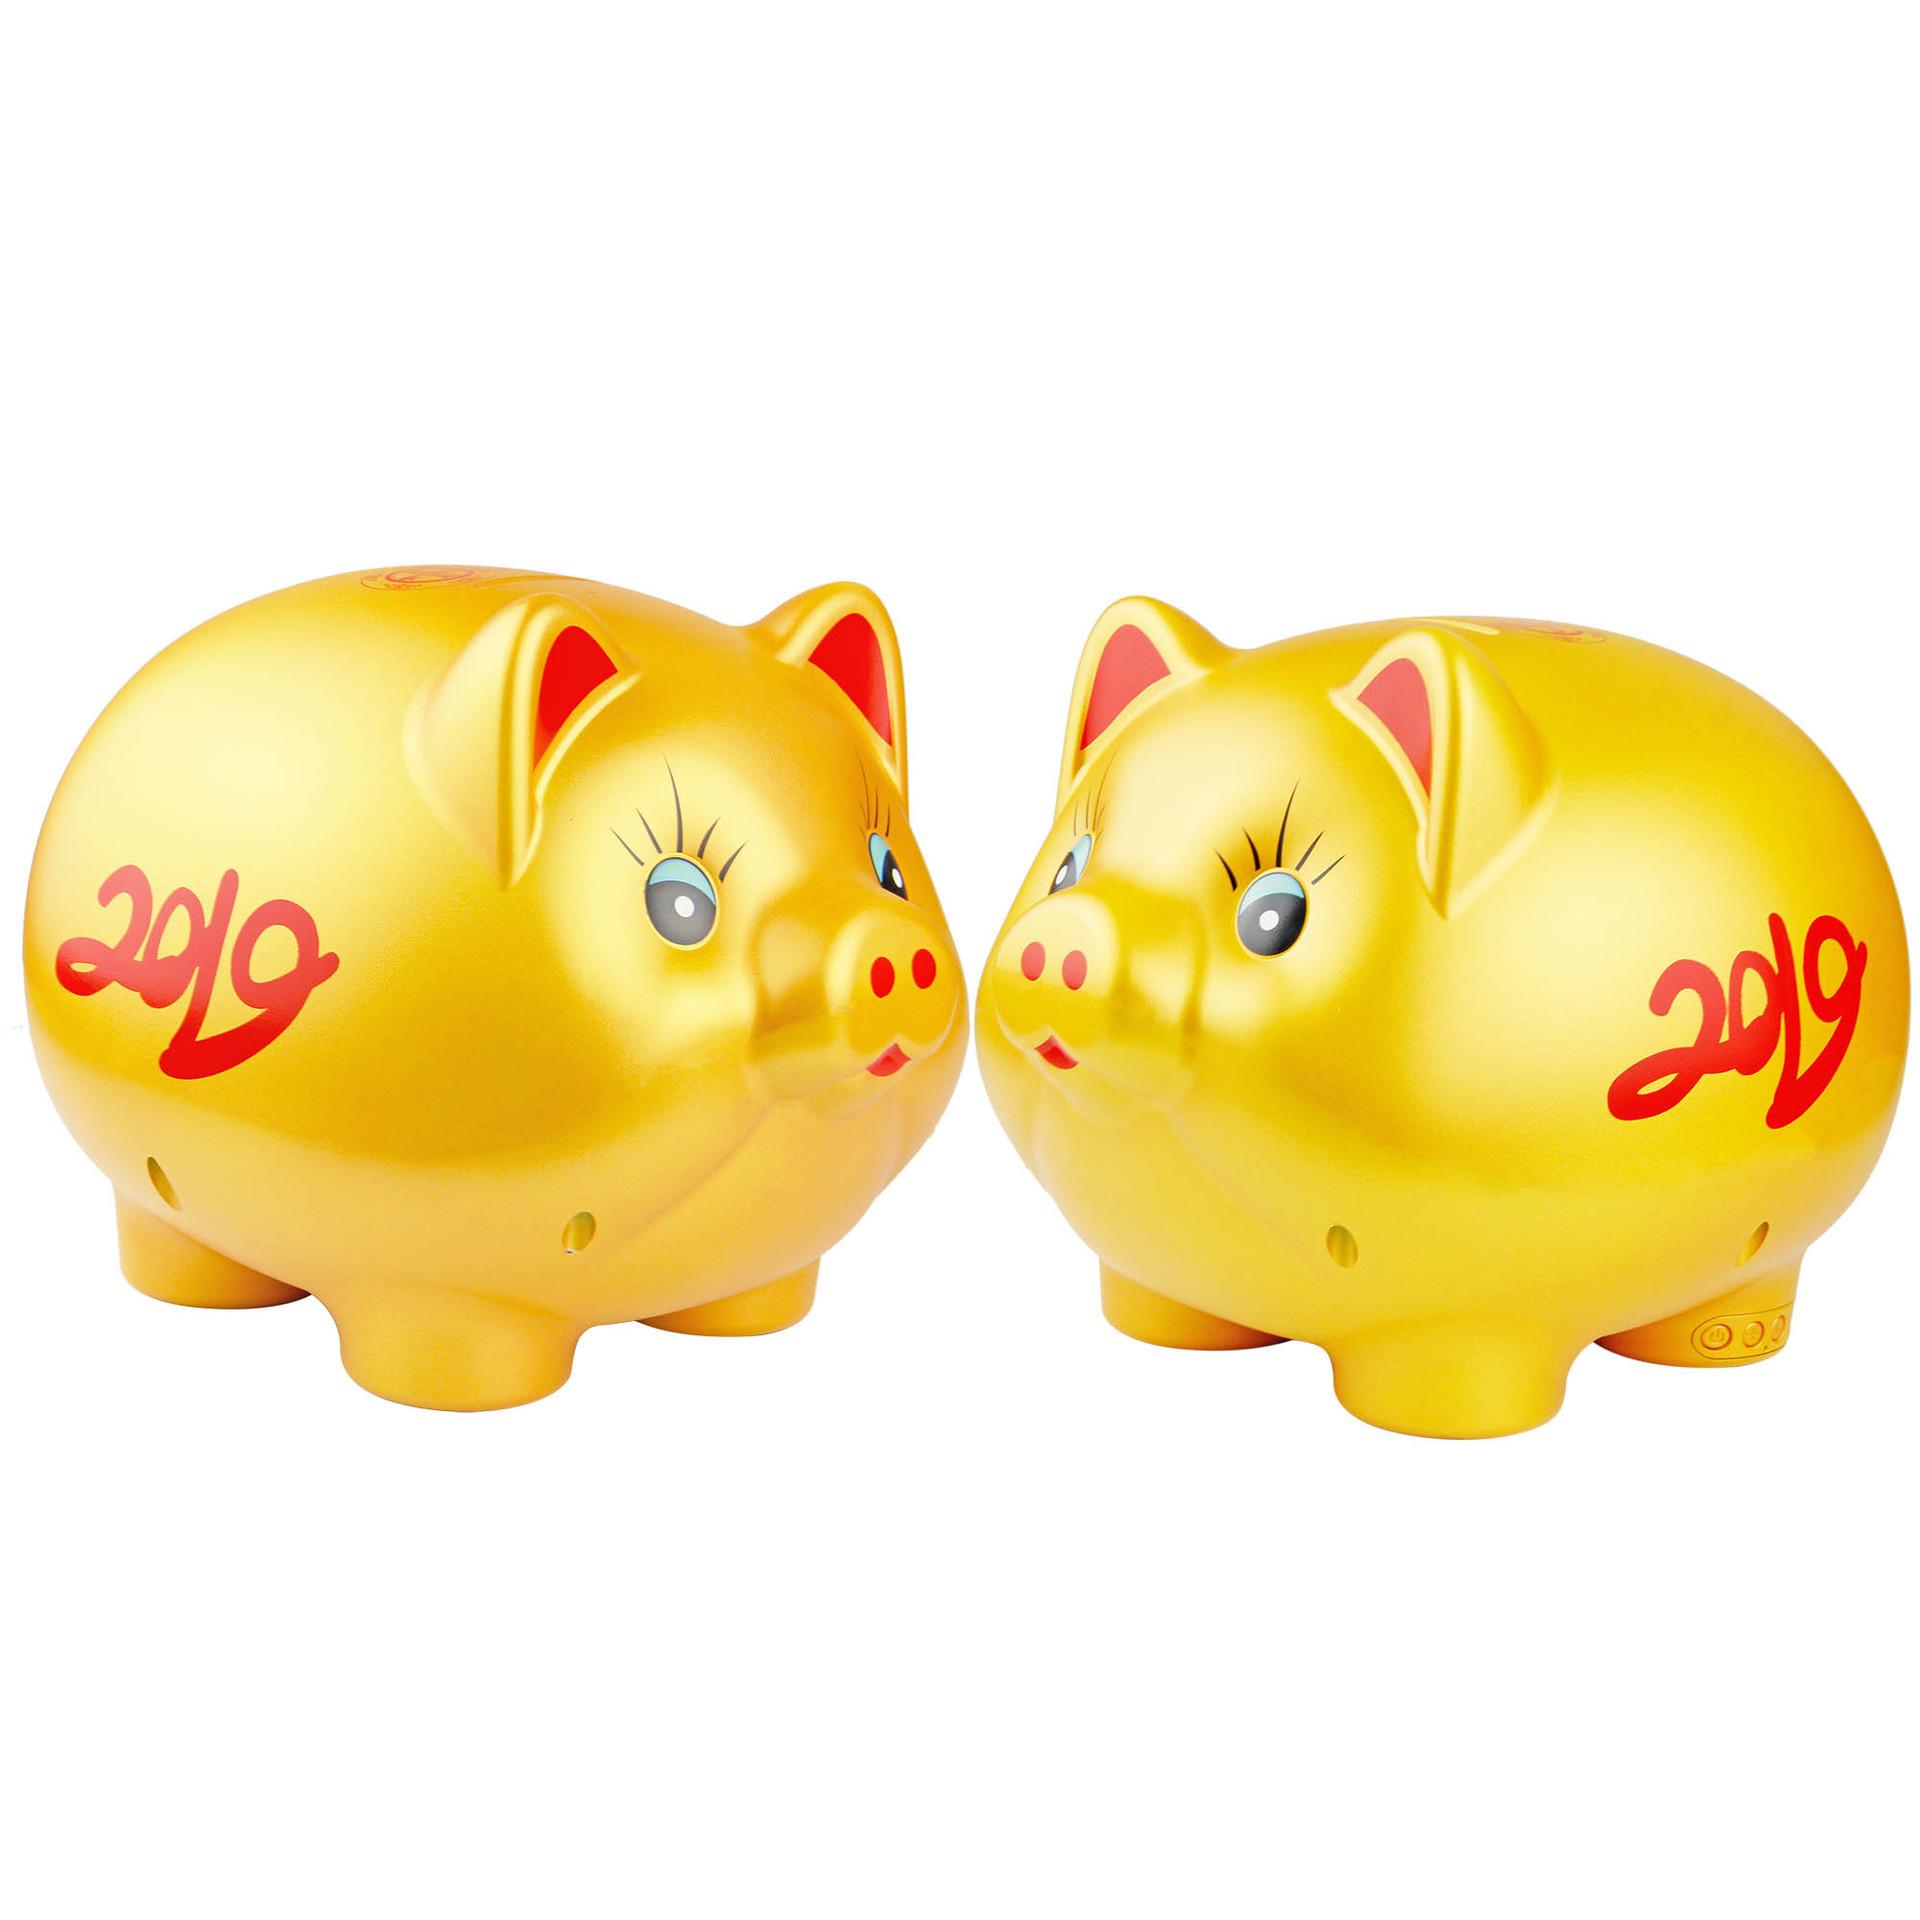 客製化禮贈品專家-印樂購INLOGO印LOGO -禮品   贈品   禮贈品   紀念品   宣傳品   禮物